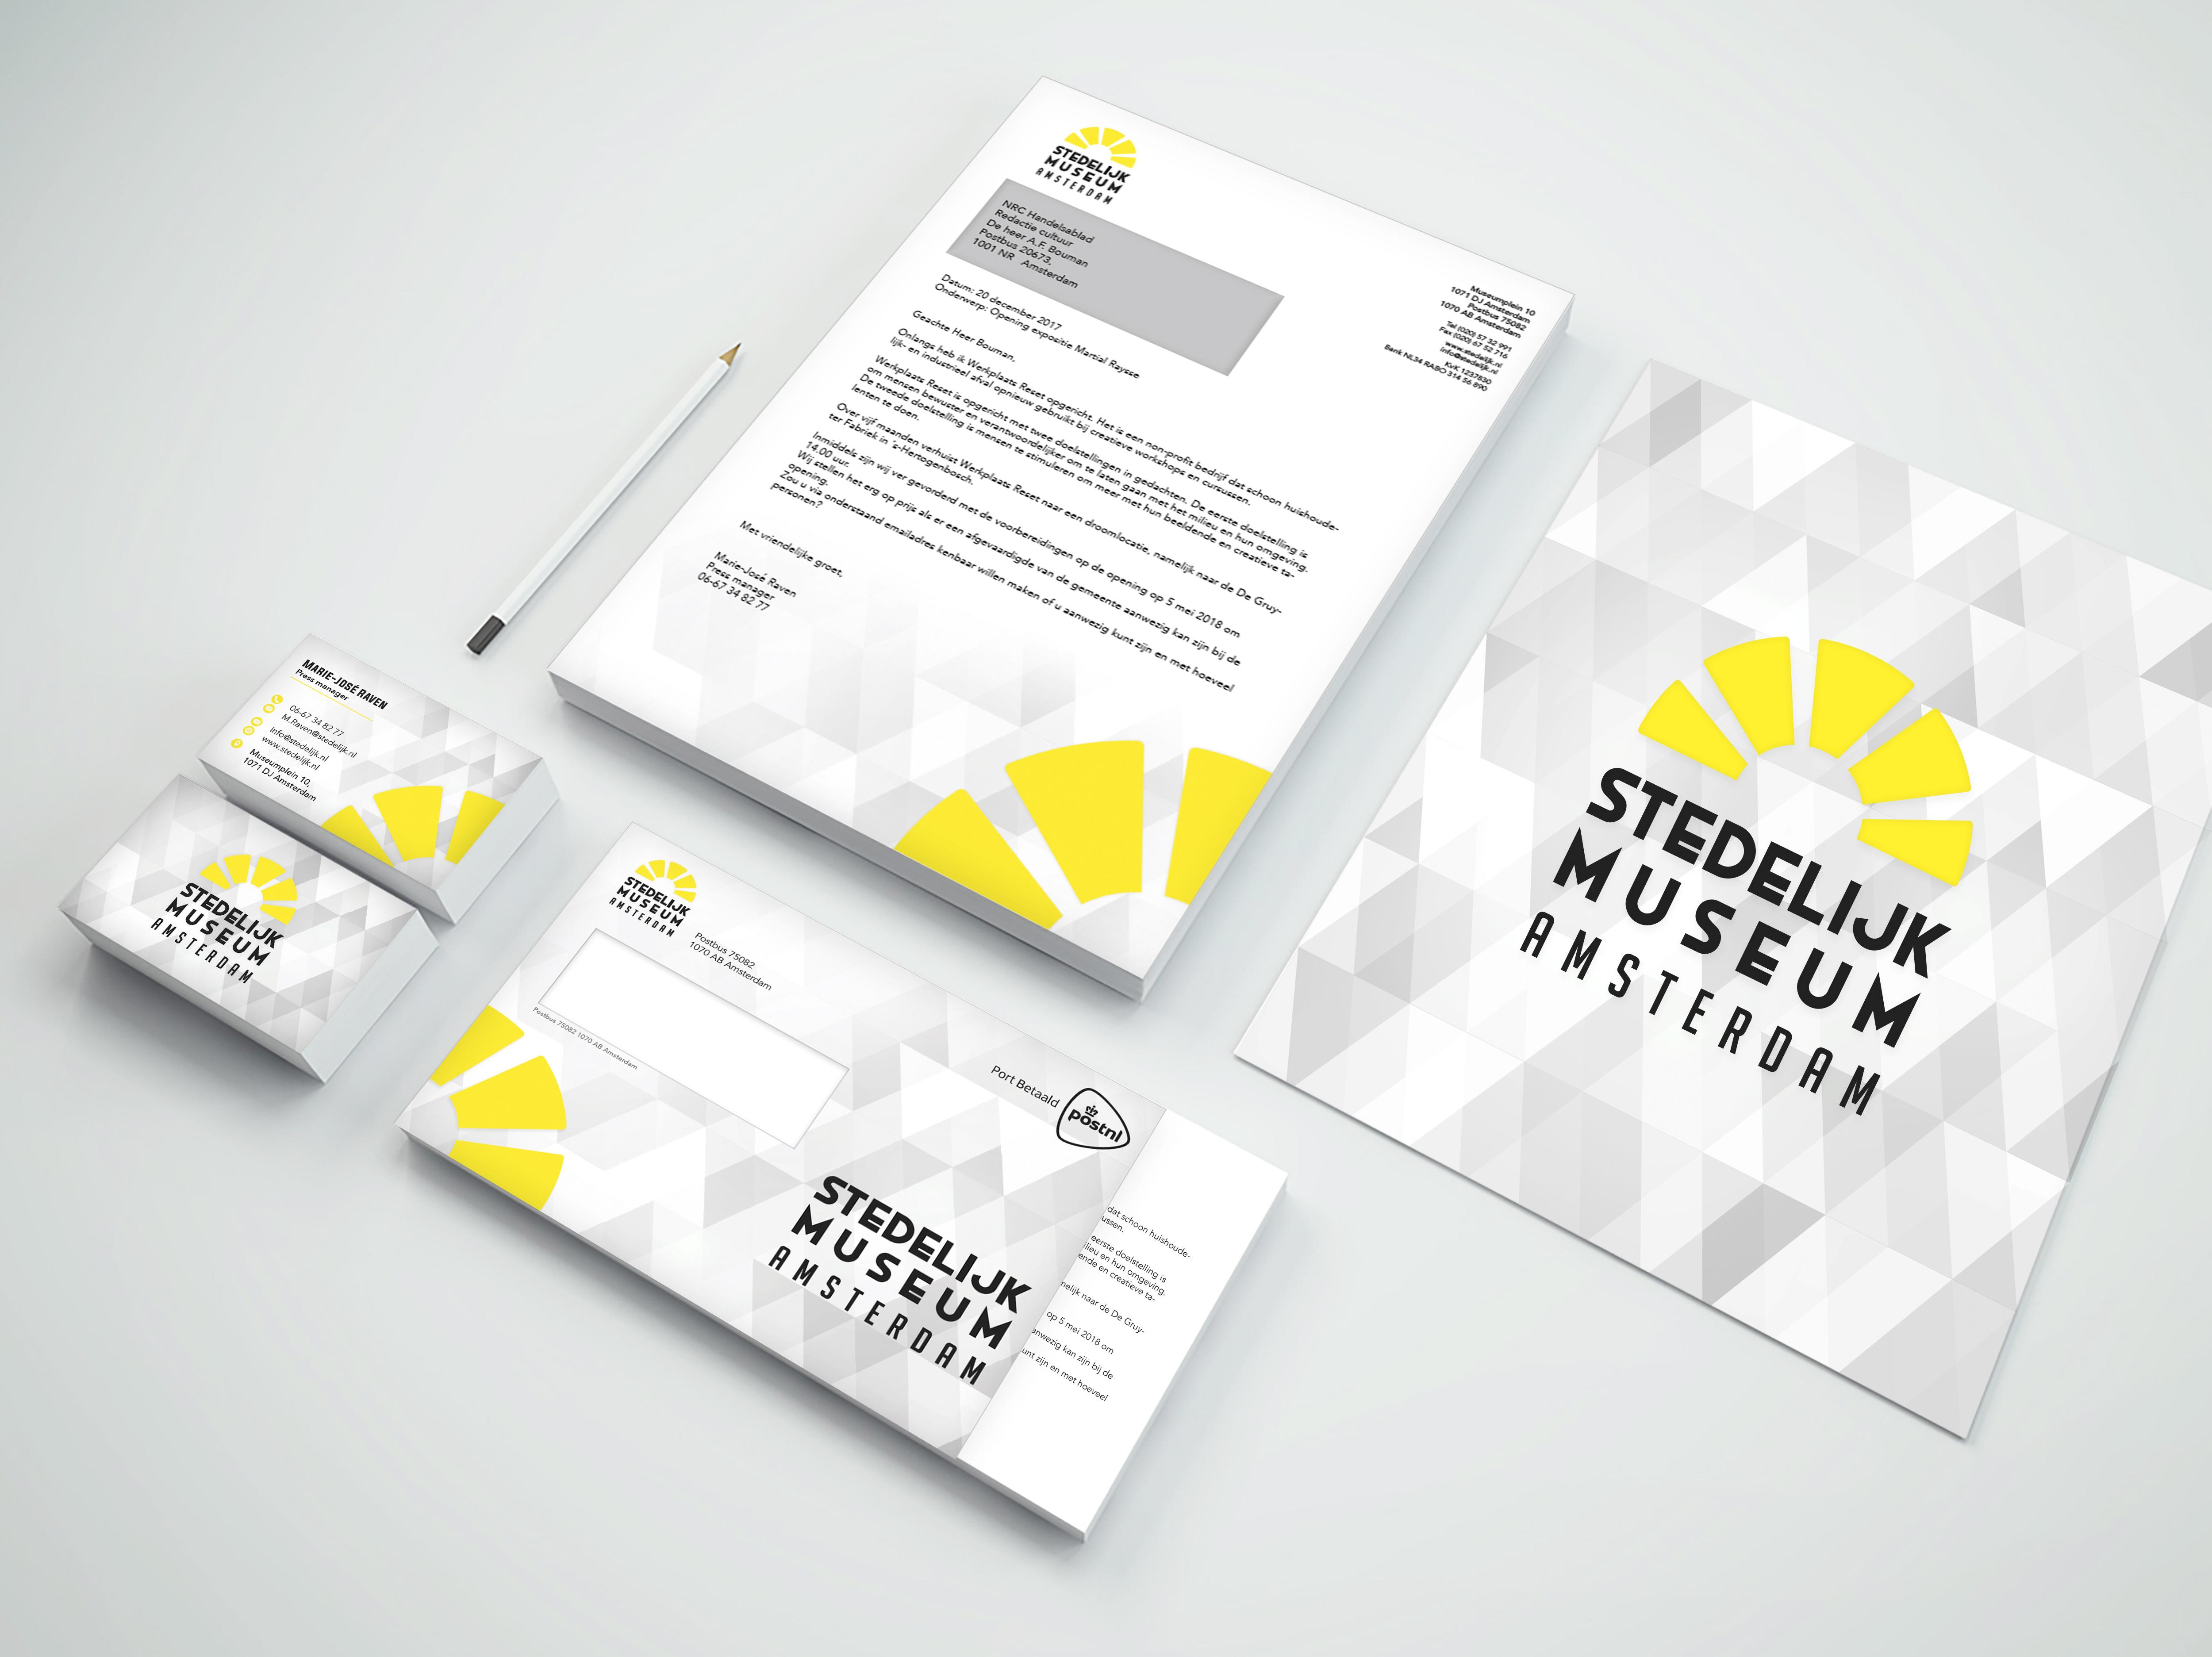 Design Bank Gebruikt.Ryan De Bruijn